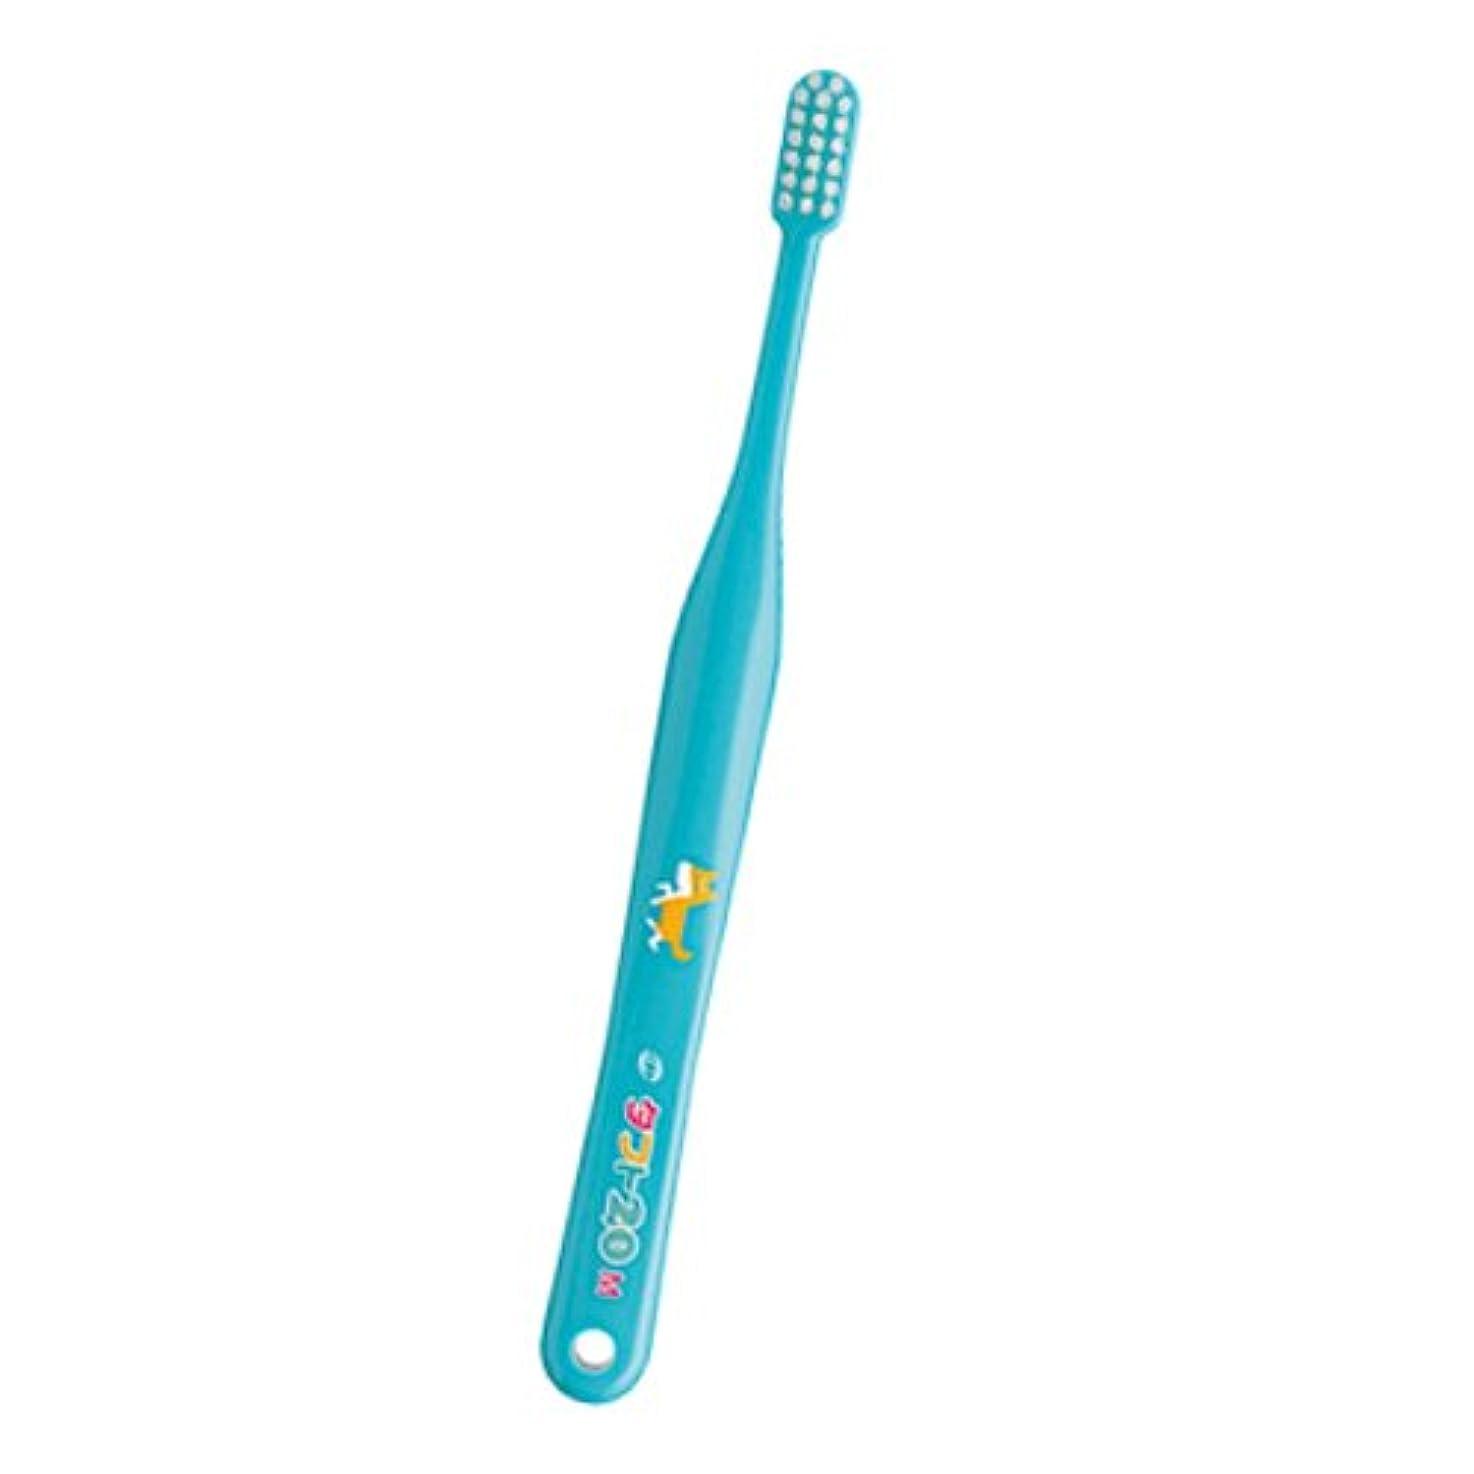 思い出疲労否認するタフト 20 歯ブラシ ミディアム 1本 ブルー M